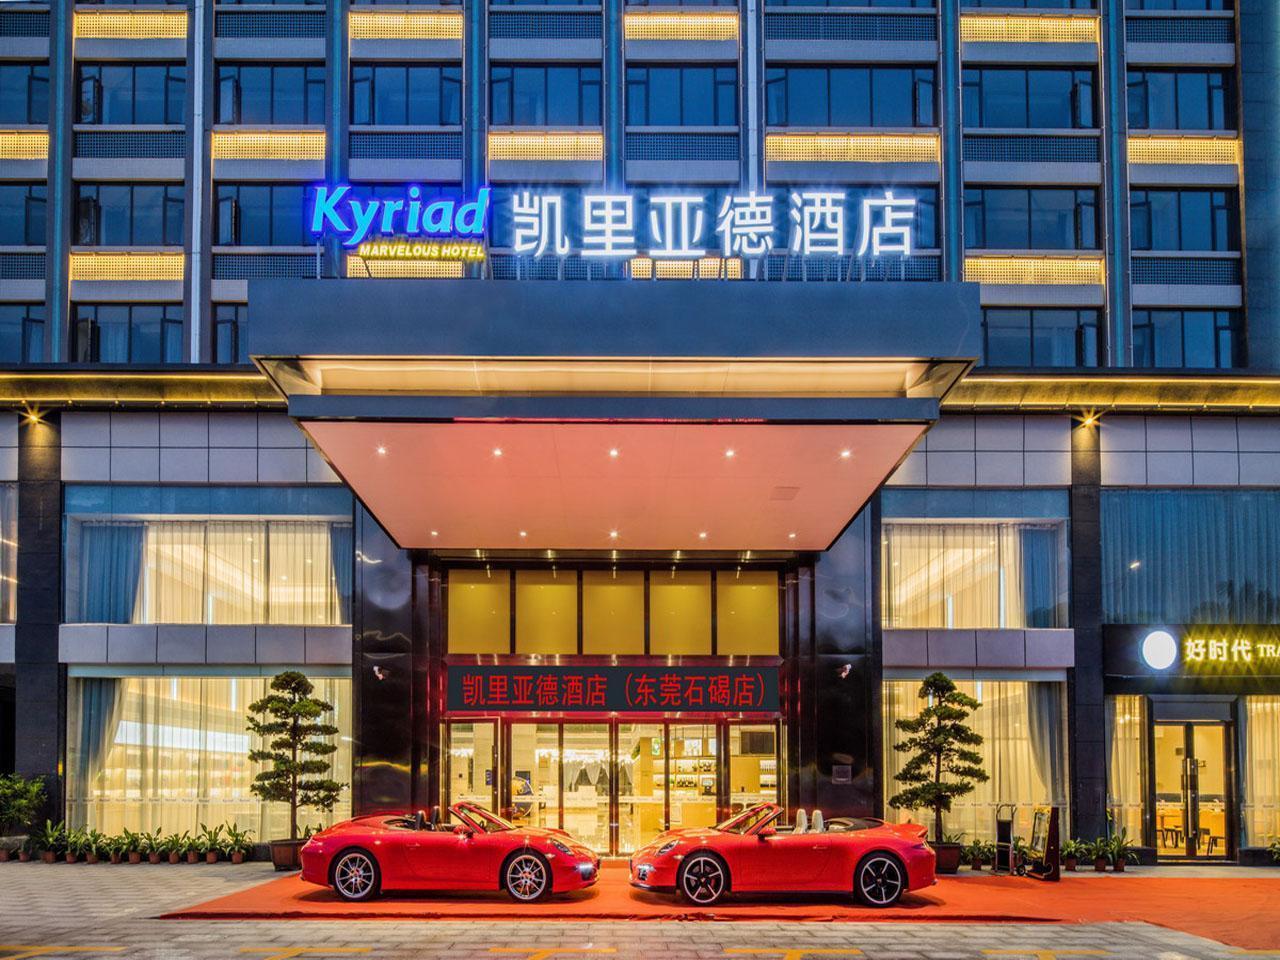 Kyriad Hotels� Dongguan Shijie Daxin Jiangbin New City